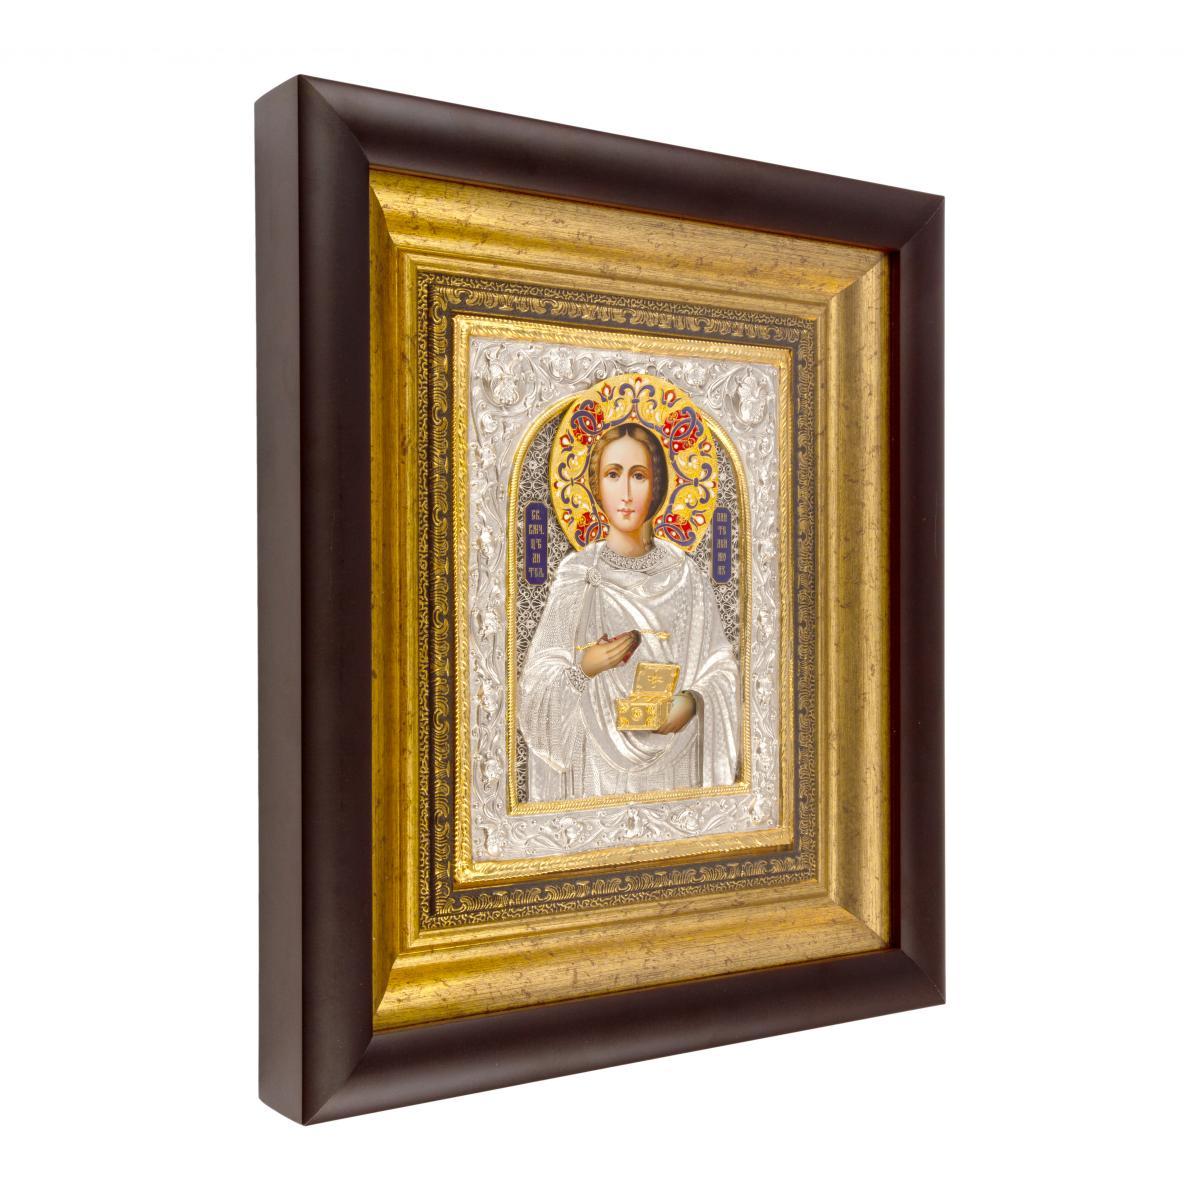 Икона Пантелеймон Целитель. Фото №1. | Народный дом Украина